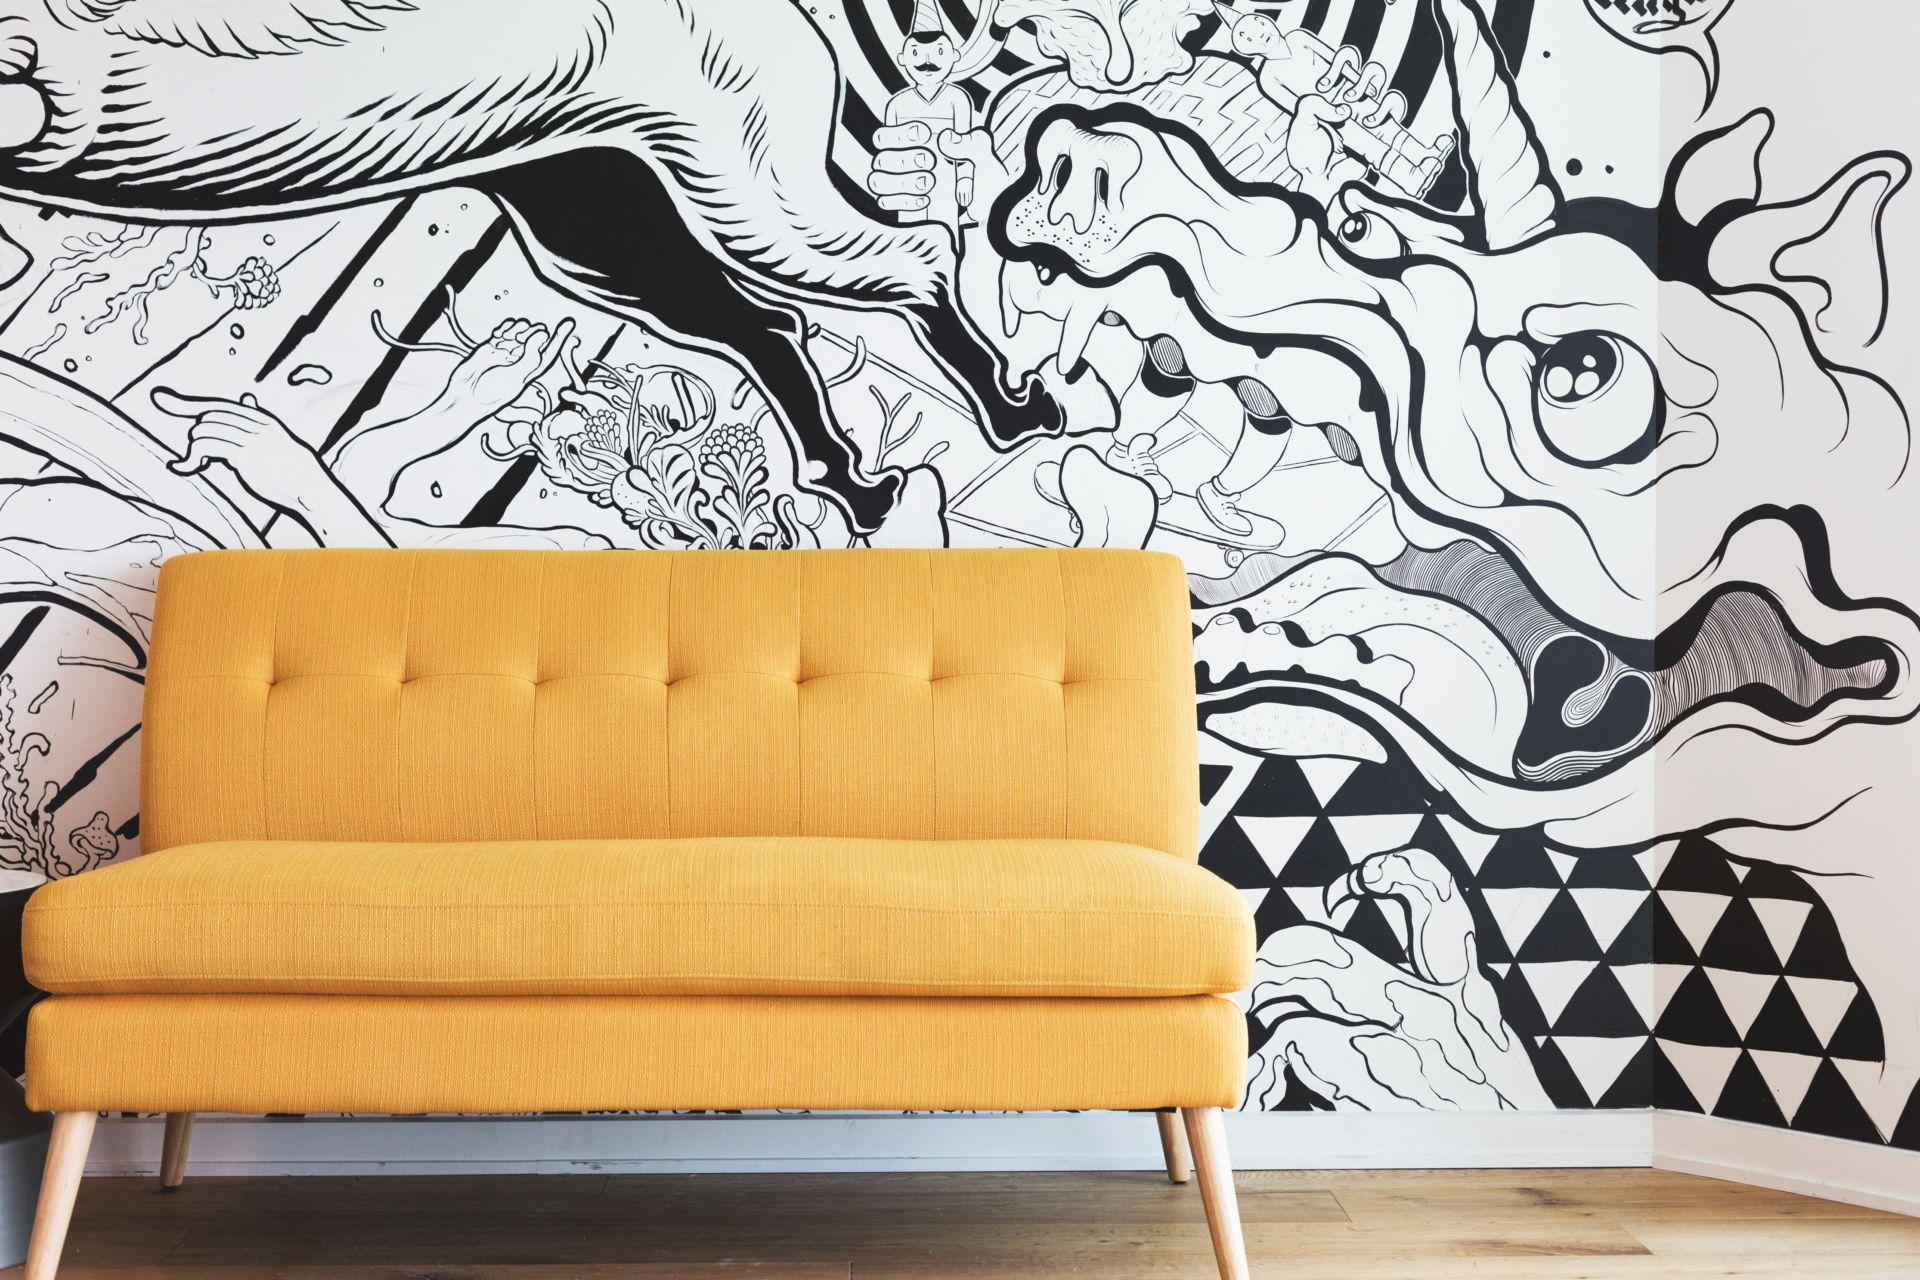 canapé jaune mur street art